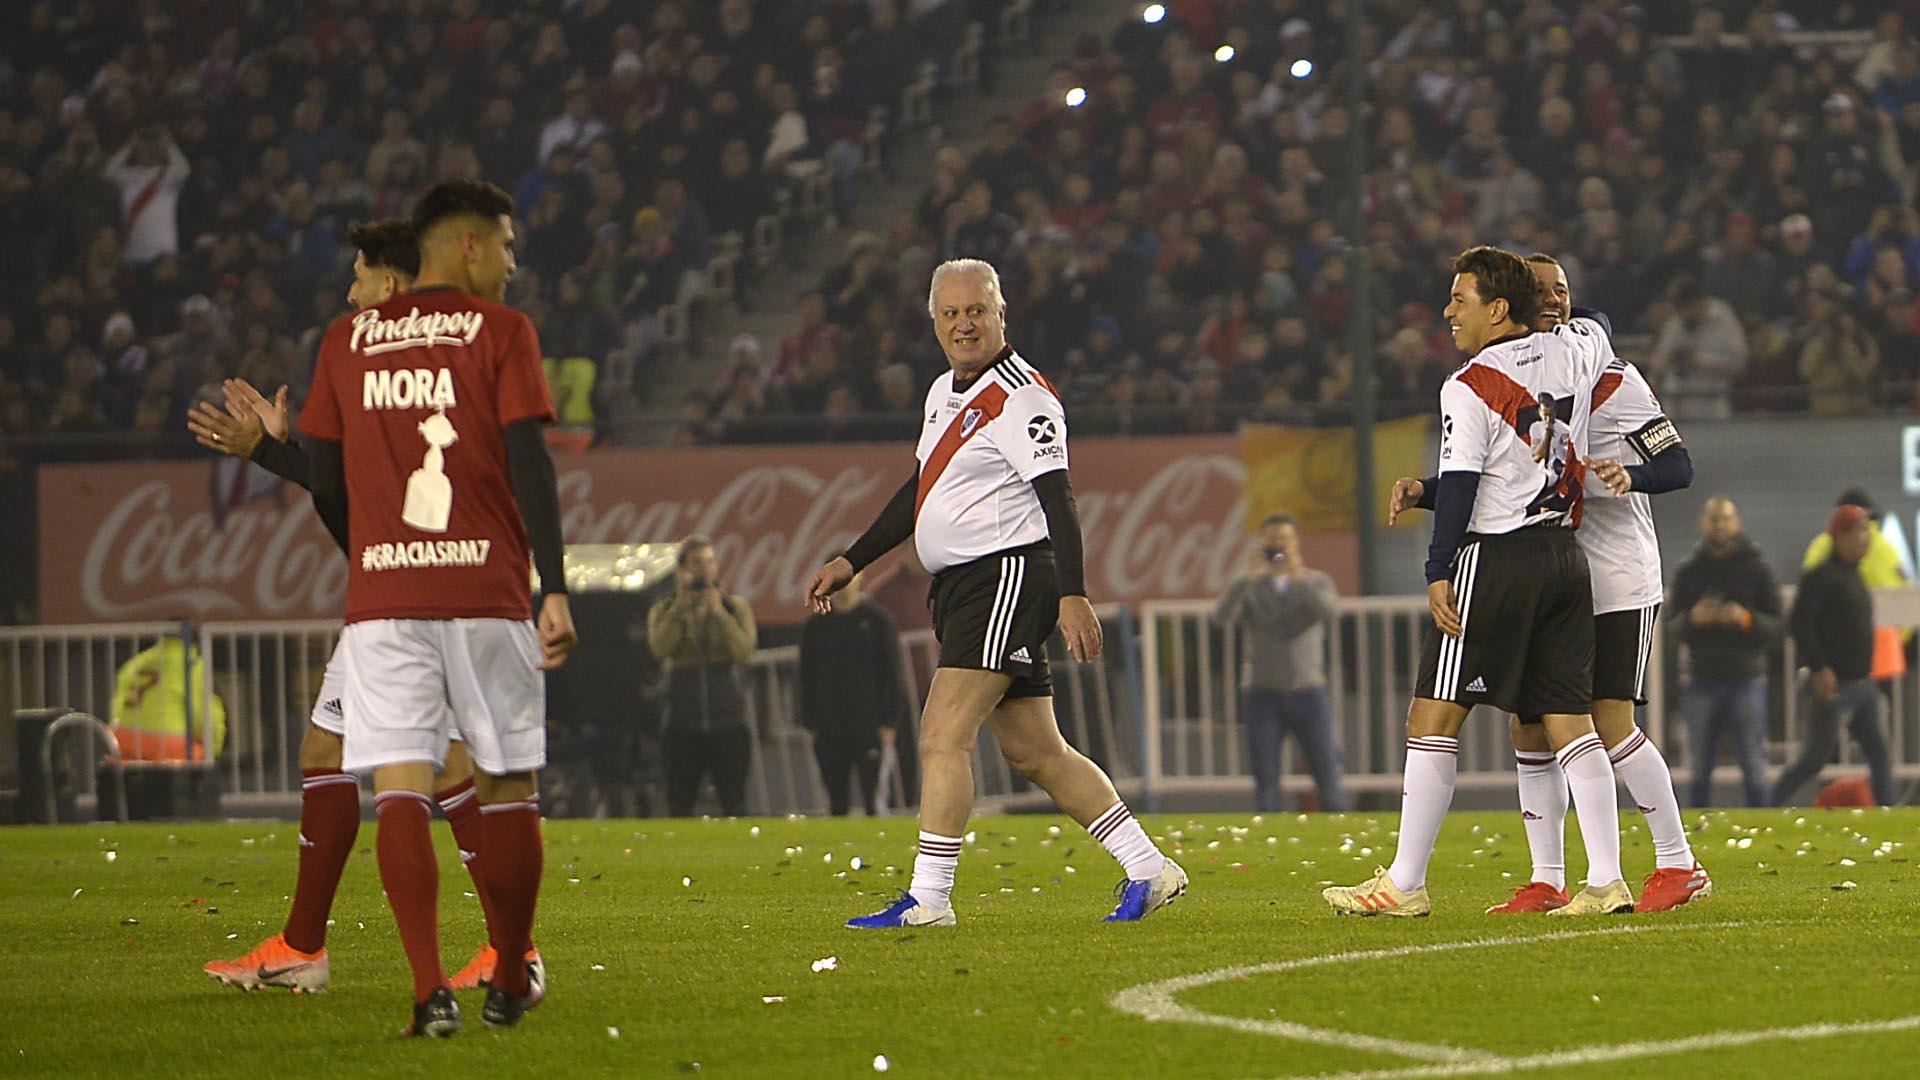 """Gallardo abraza a Mora, mientras el """"Beto"""" Alonso se aleja"""